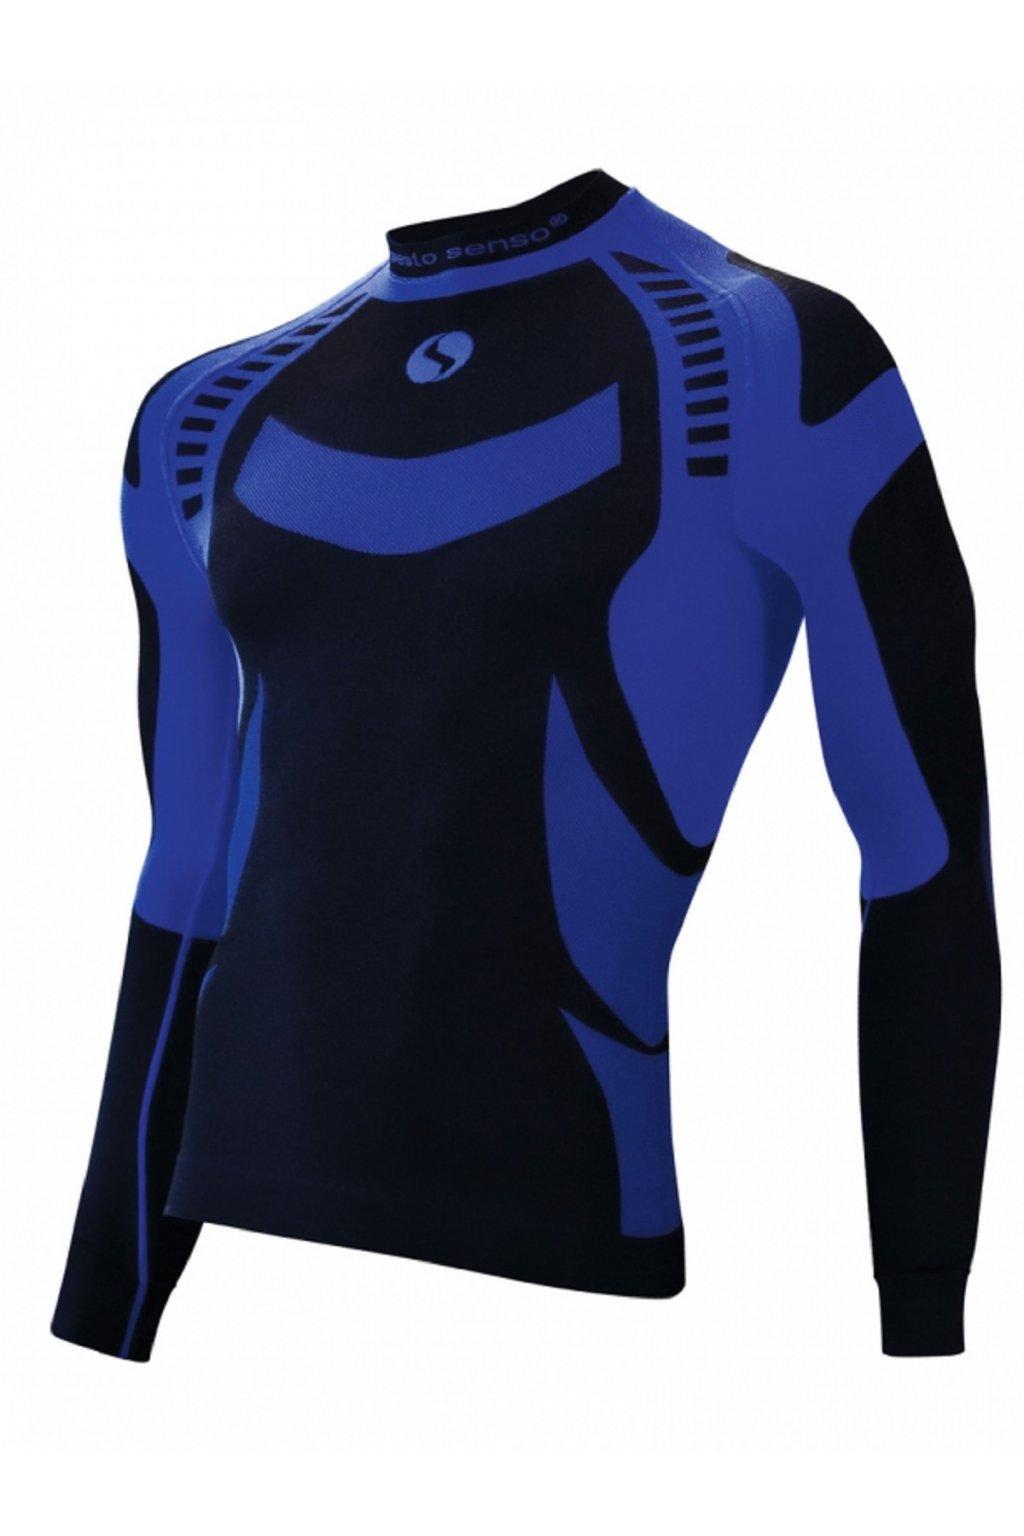 Termo triko Sesto Senso modrá